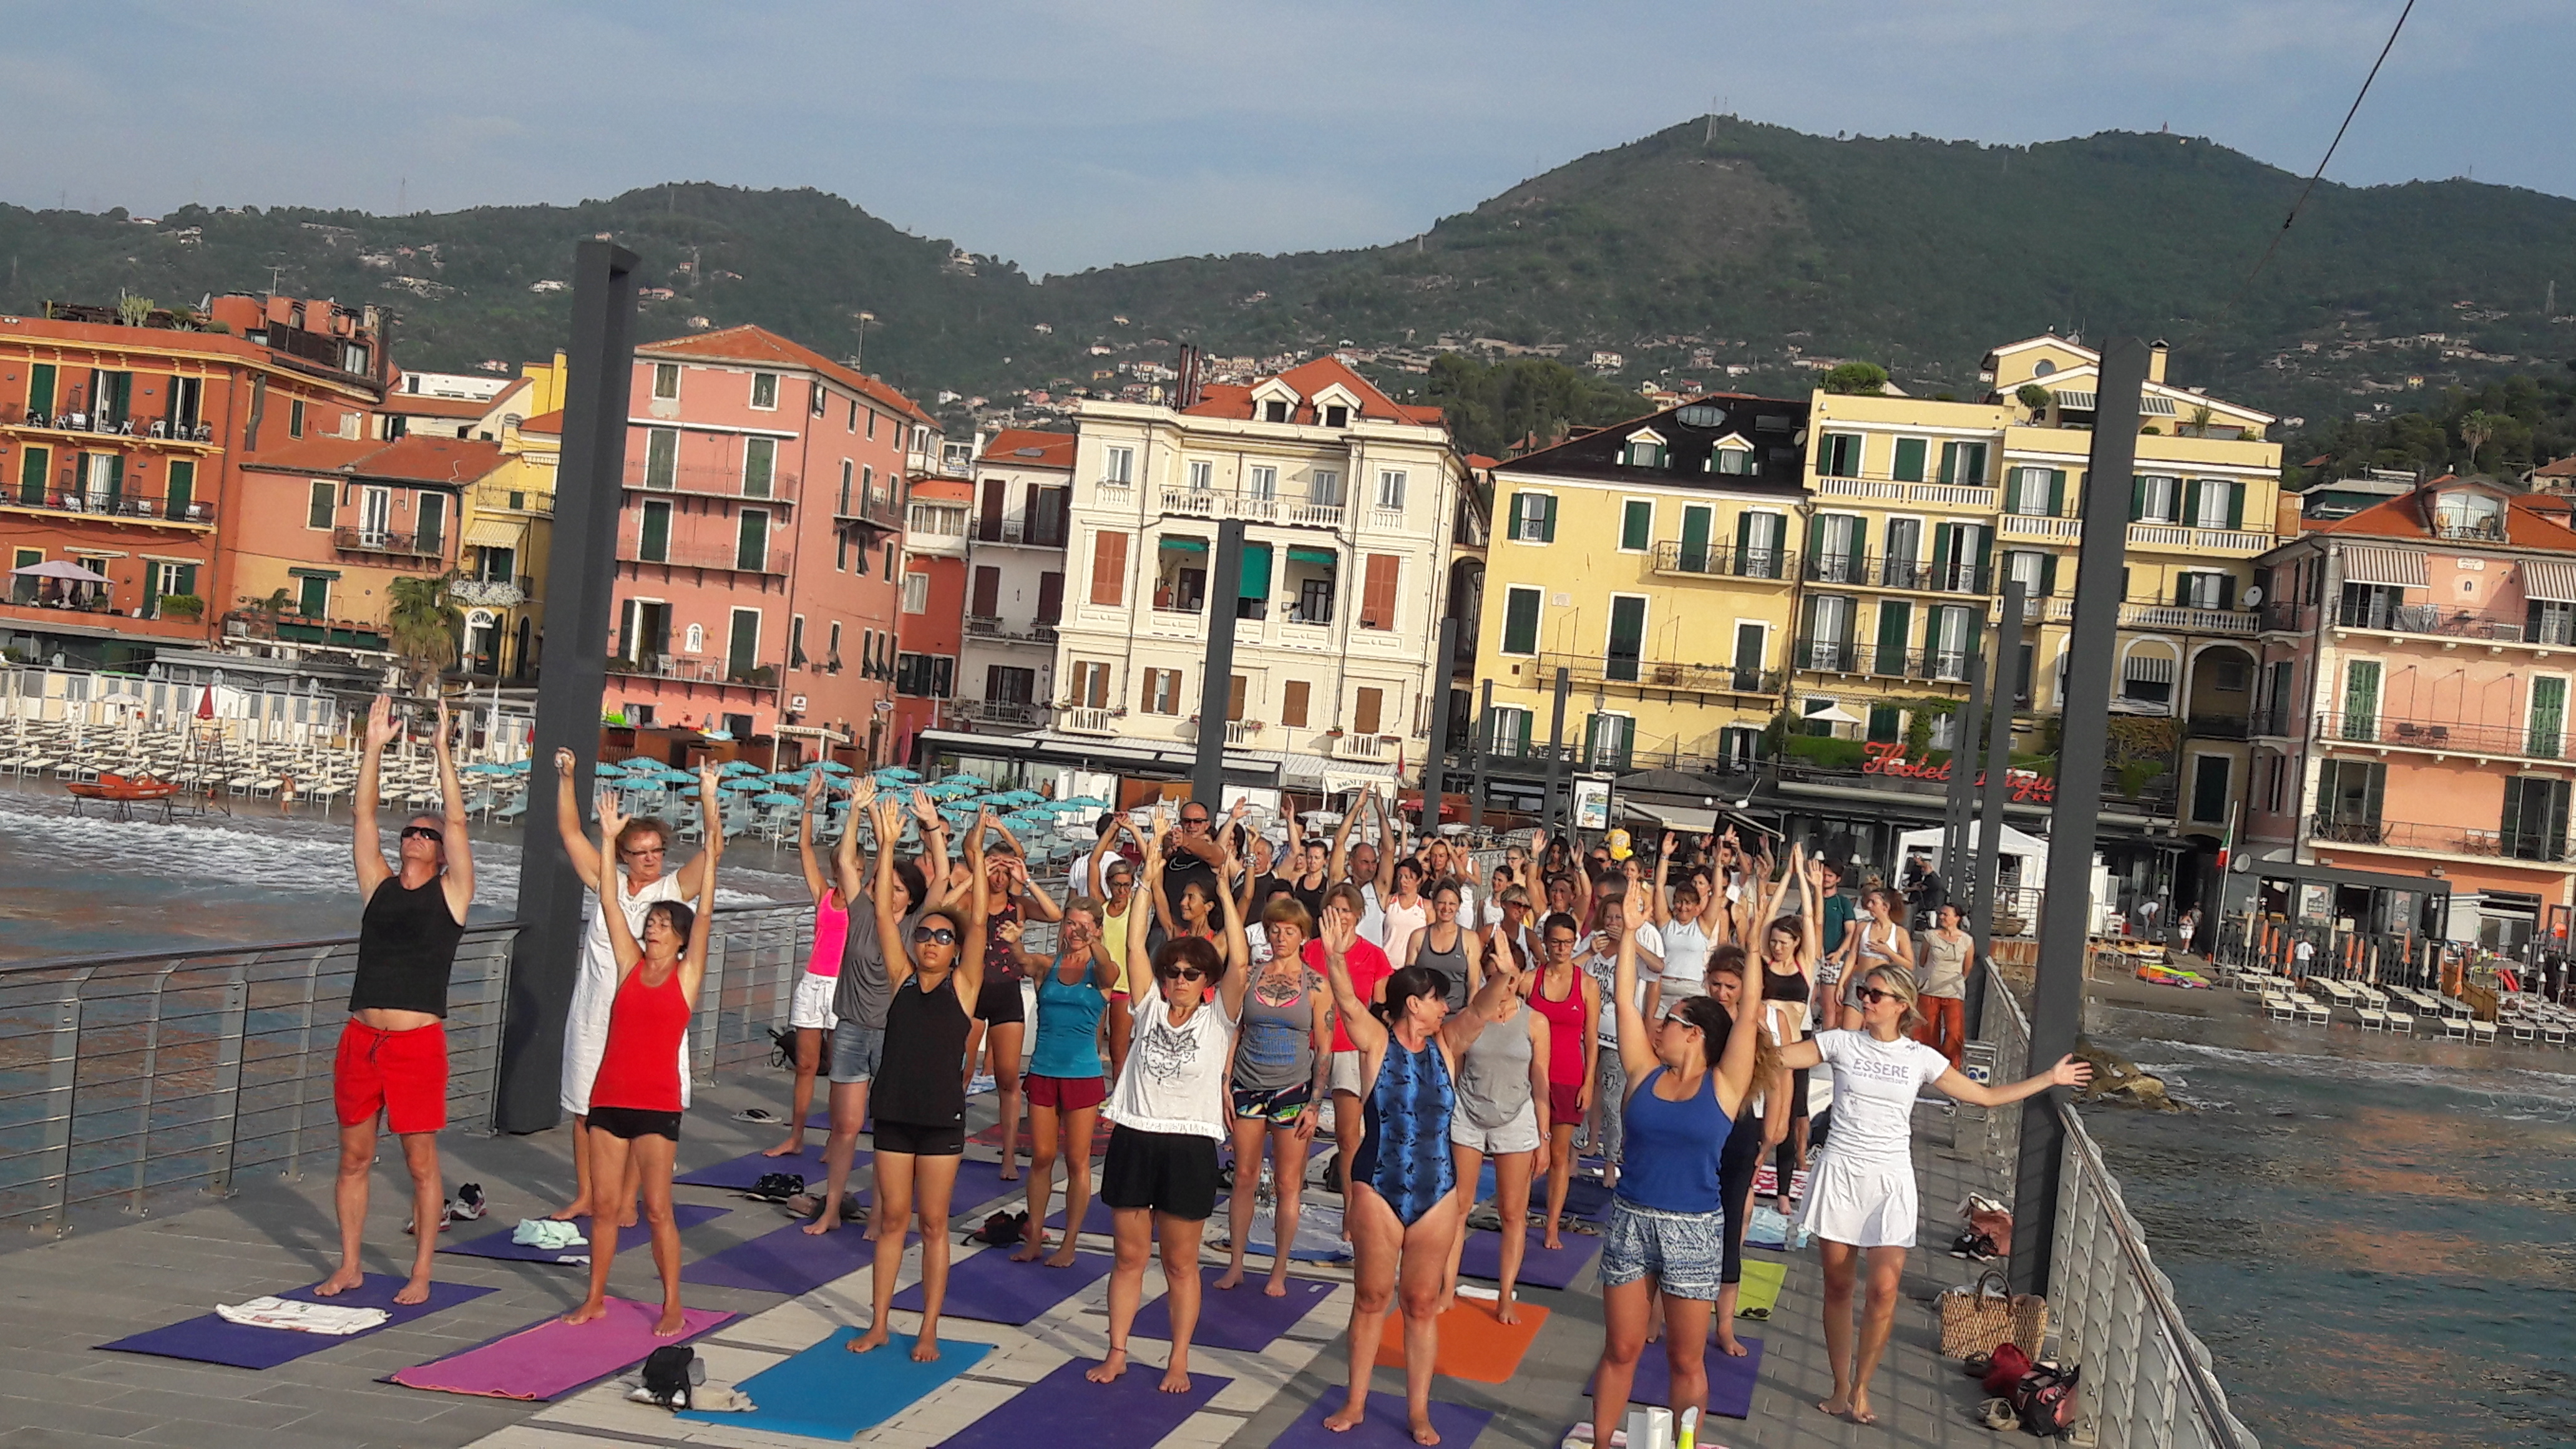 essere-free-yoga-gratuito-benessere-per-tutti-village-citta-alassio-estate-lucia-ragazzi-summer-town-wellness-40